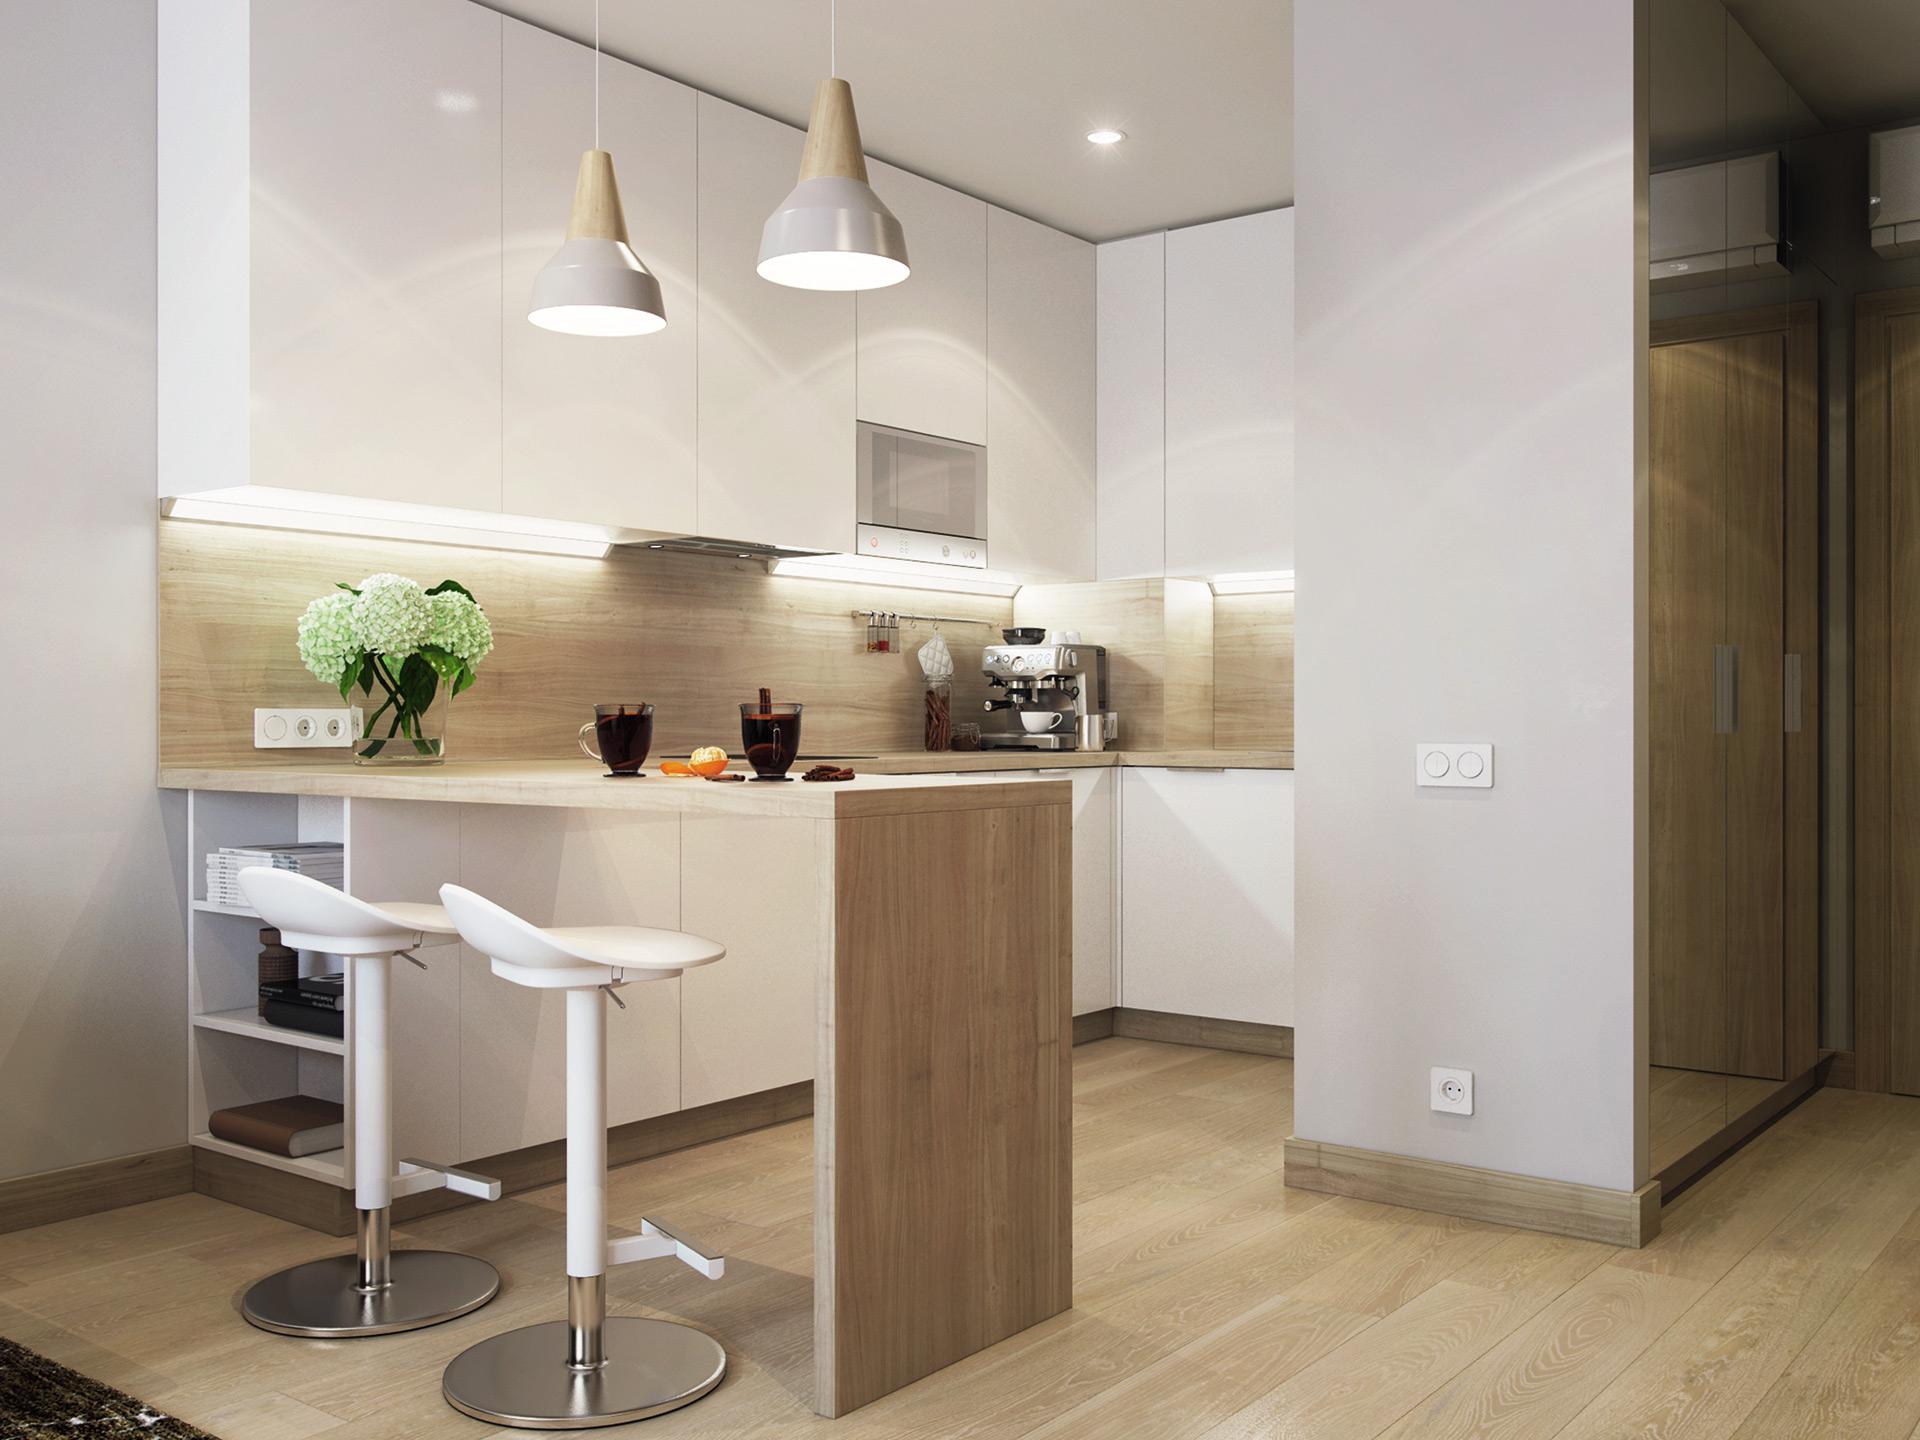 Апартамент Two bedroom в YE'S Technopark